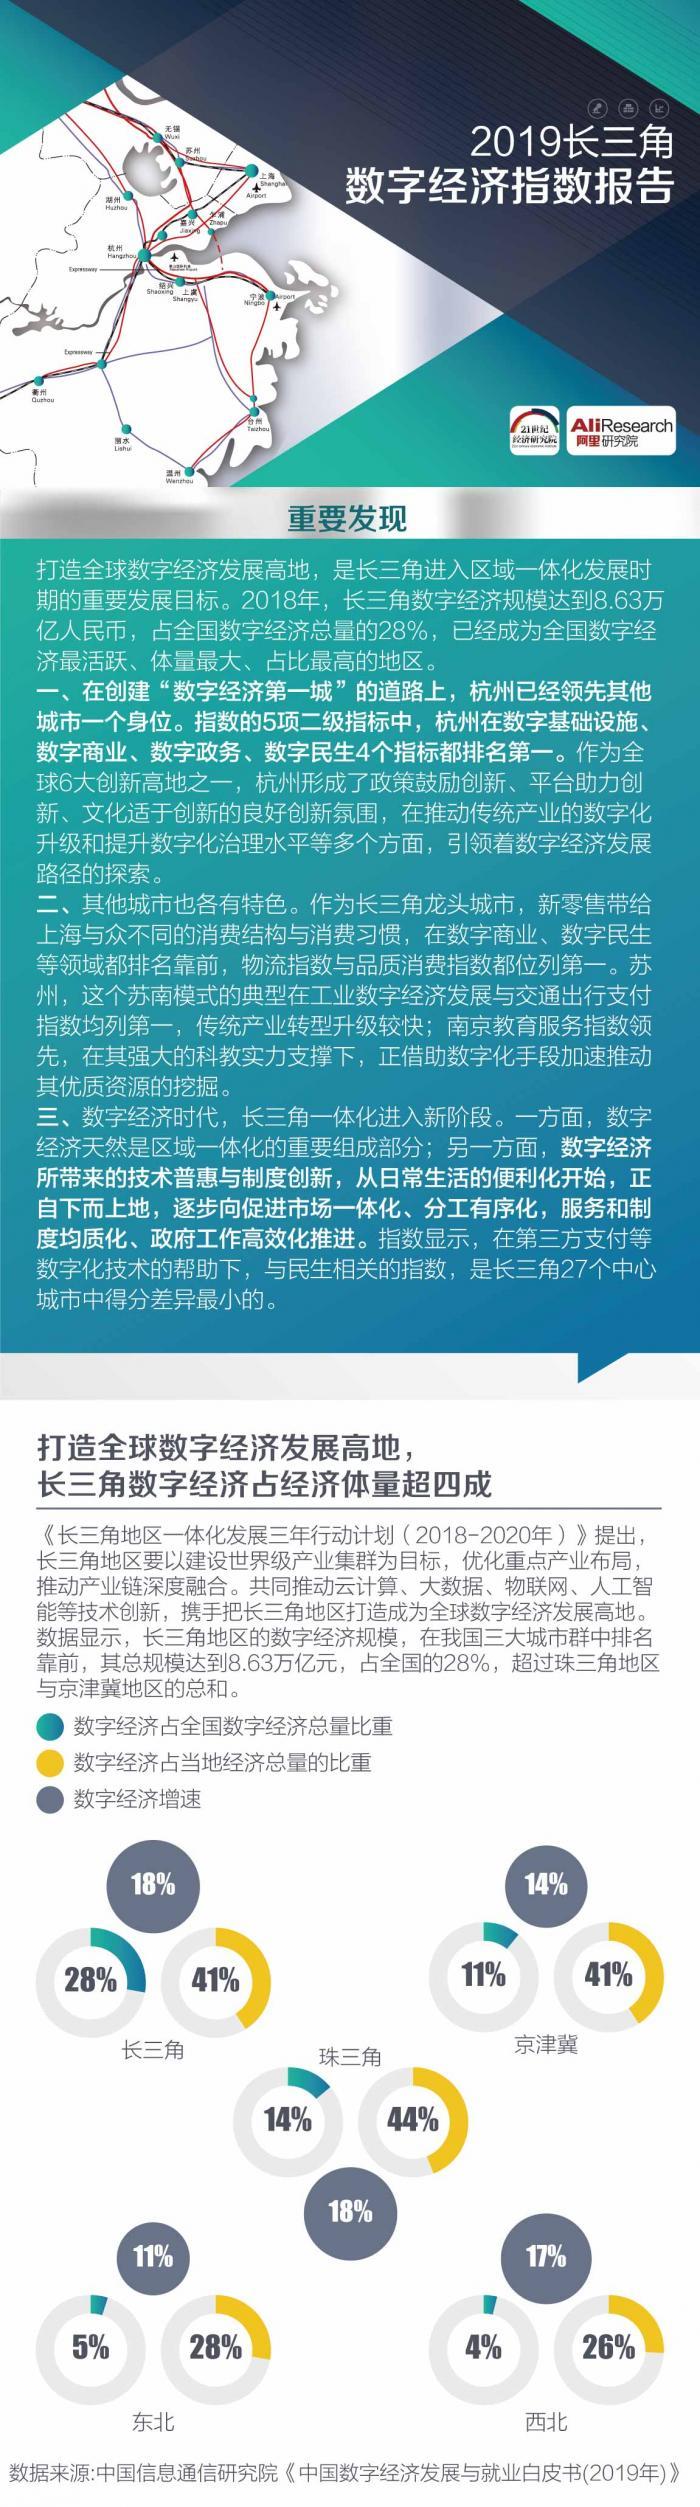 河北顺平县委原副书记王永建被开除党籍 政务撤职